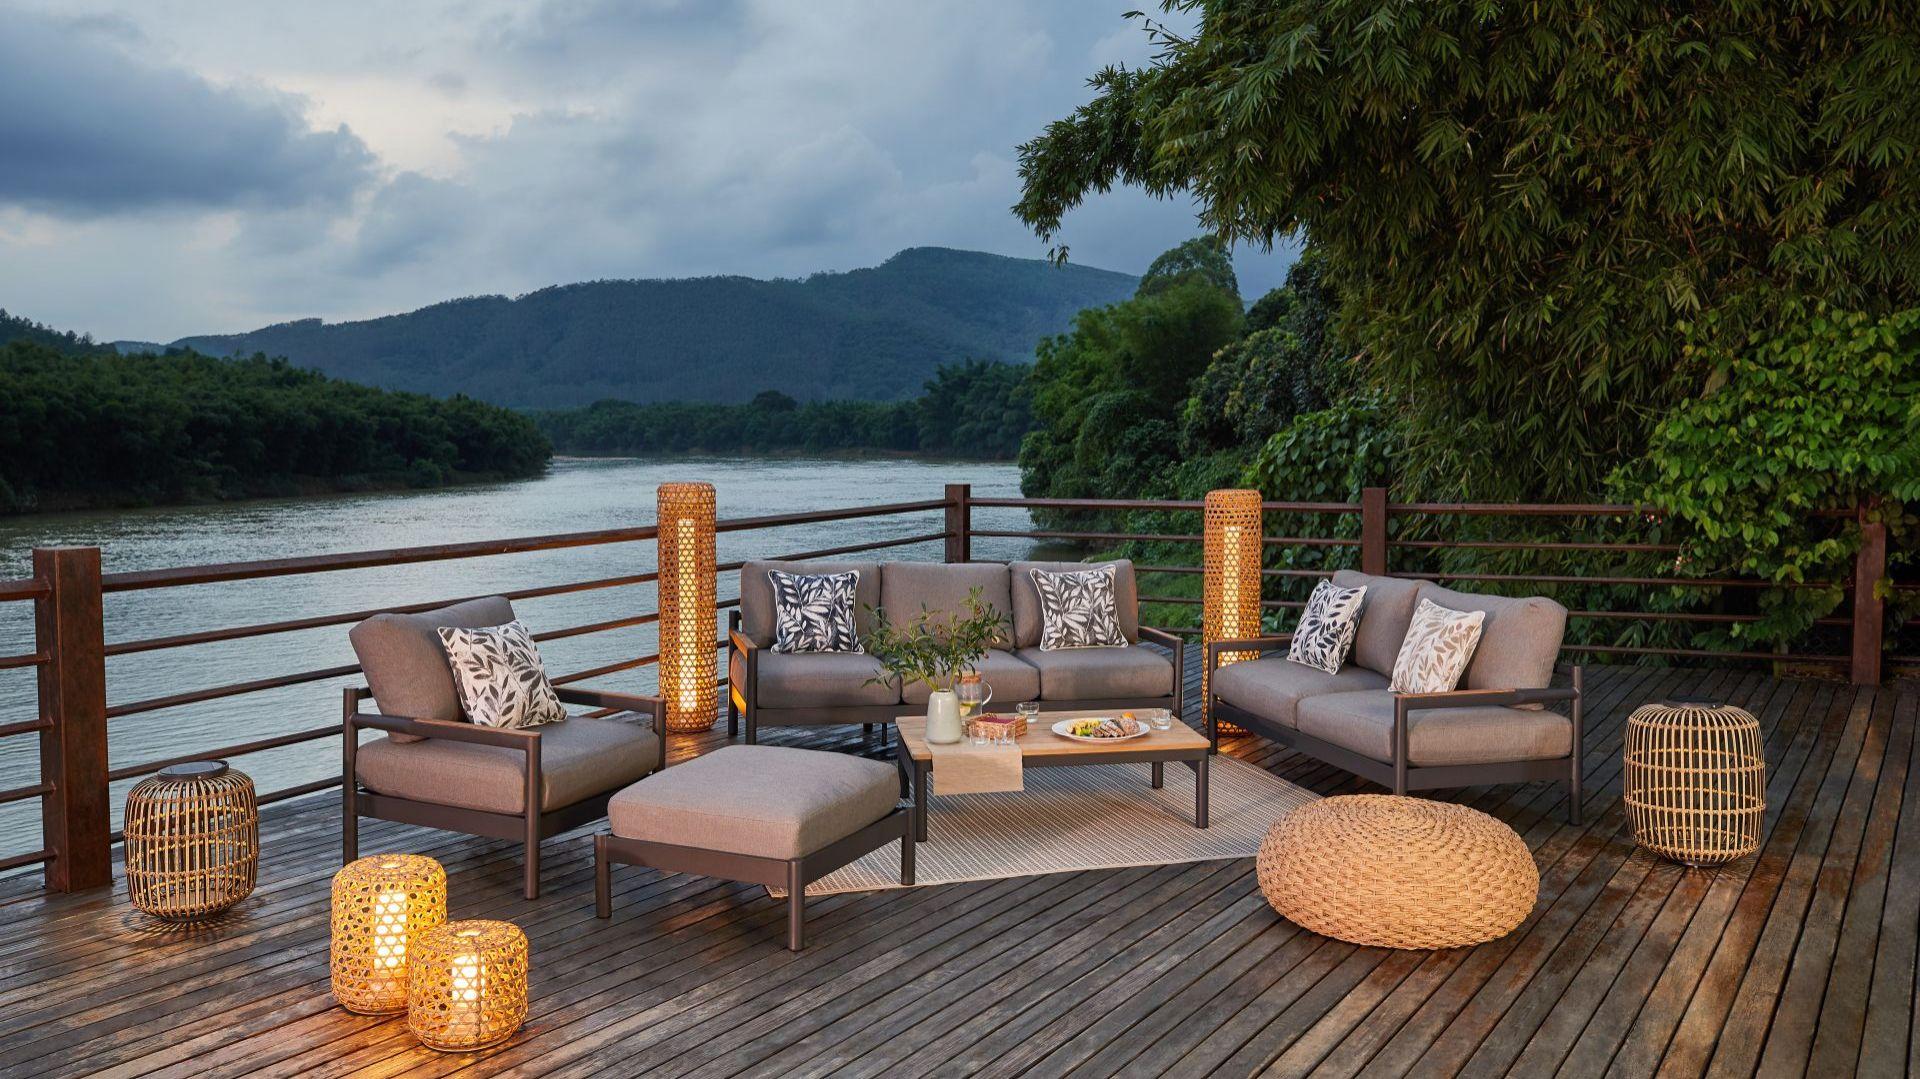 W strefach wypoczynku w stylu urban jungle sprawdzą się bambusowe tace i lampiony, drewniane stojaki na kwiaty czy tekstylia w stonowanych barwach ziemi. Fot. Miloo Home